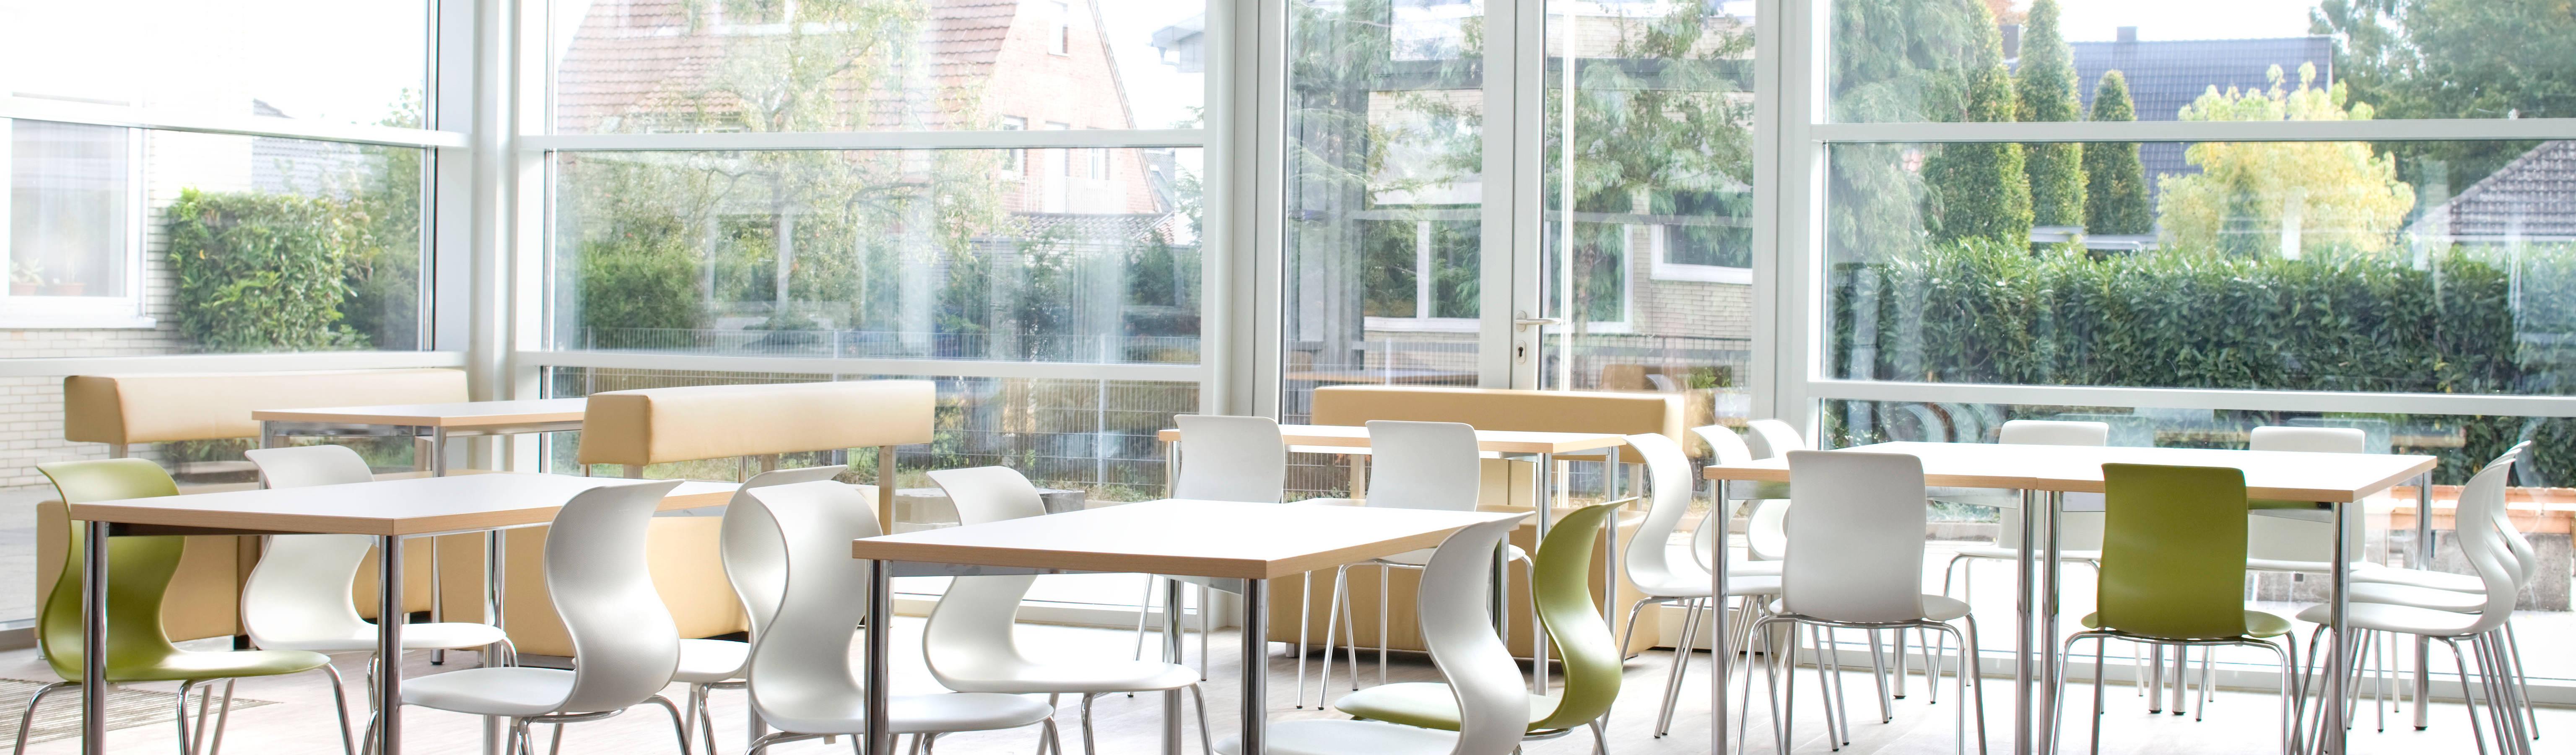 Flötotto Systemmöbel GmbH